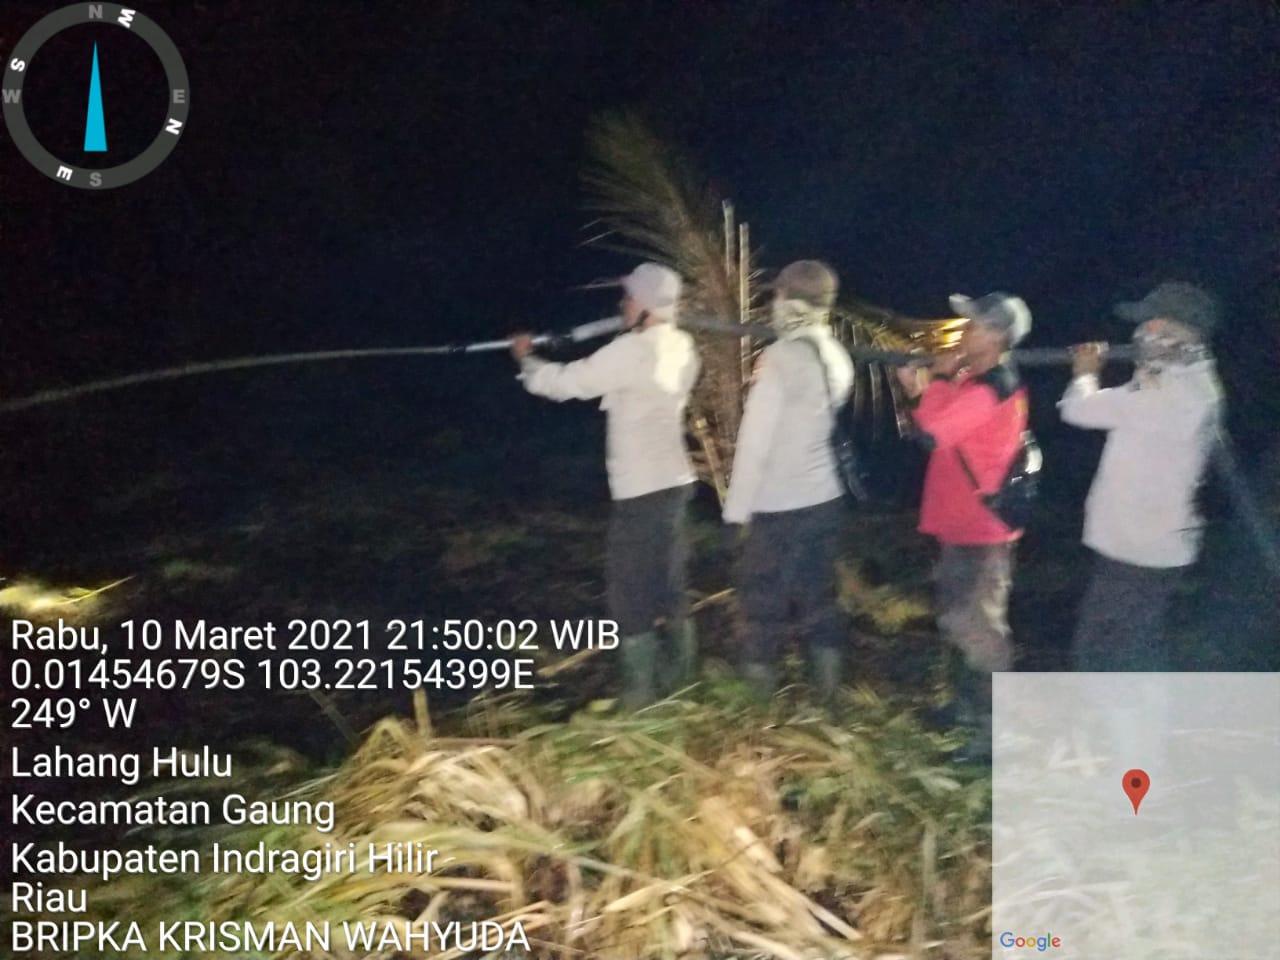 Verifikasi dan Pemadaman Titik Hotspot Dilakukan Polsek Gaung Hingga Tengah Malam